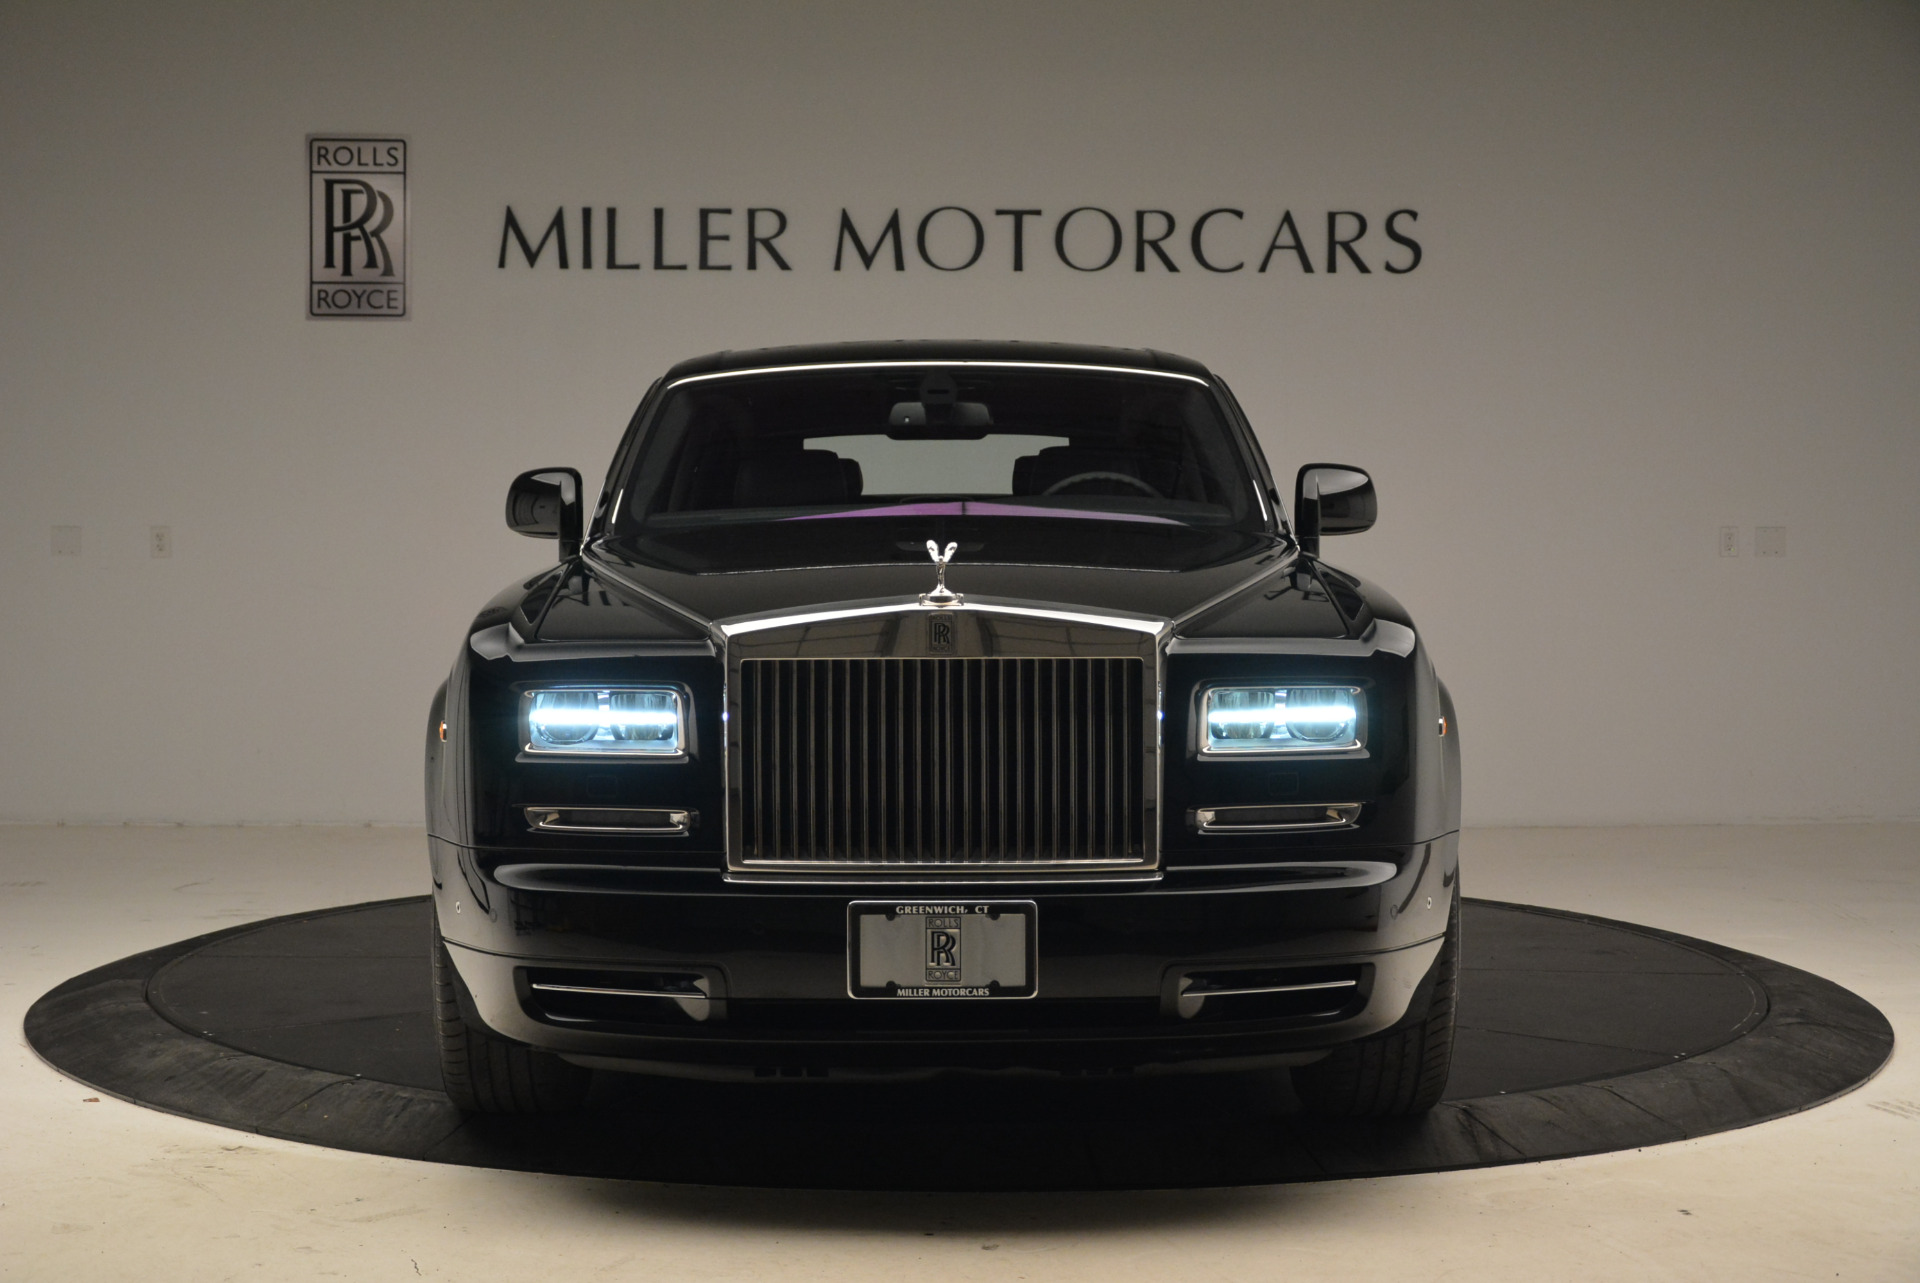 Used 2014 Rolls-Royce Phantom EWB For Sale In Greenwich, CT 2051_p4